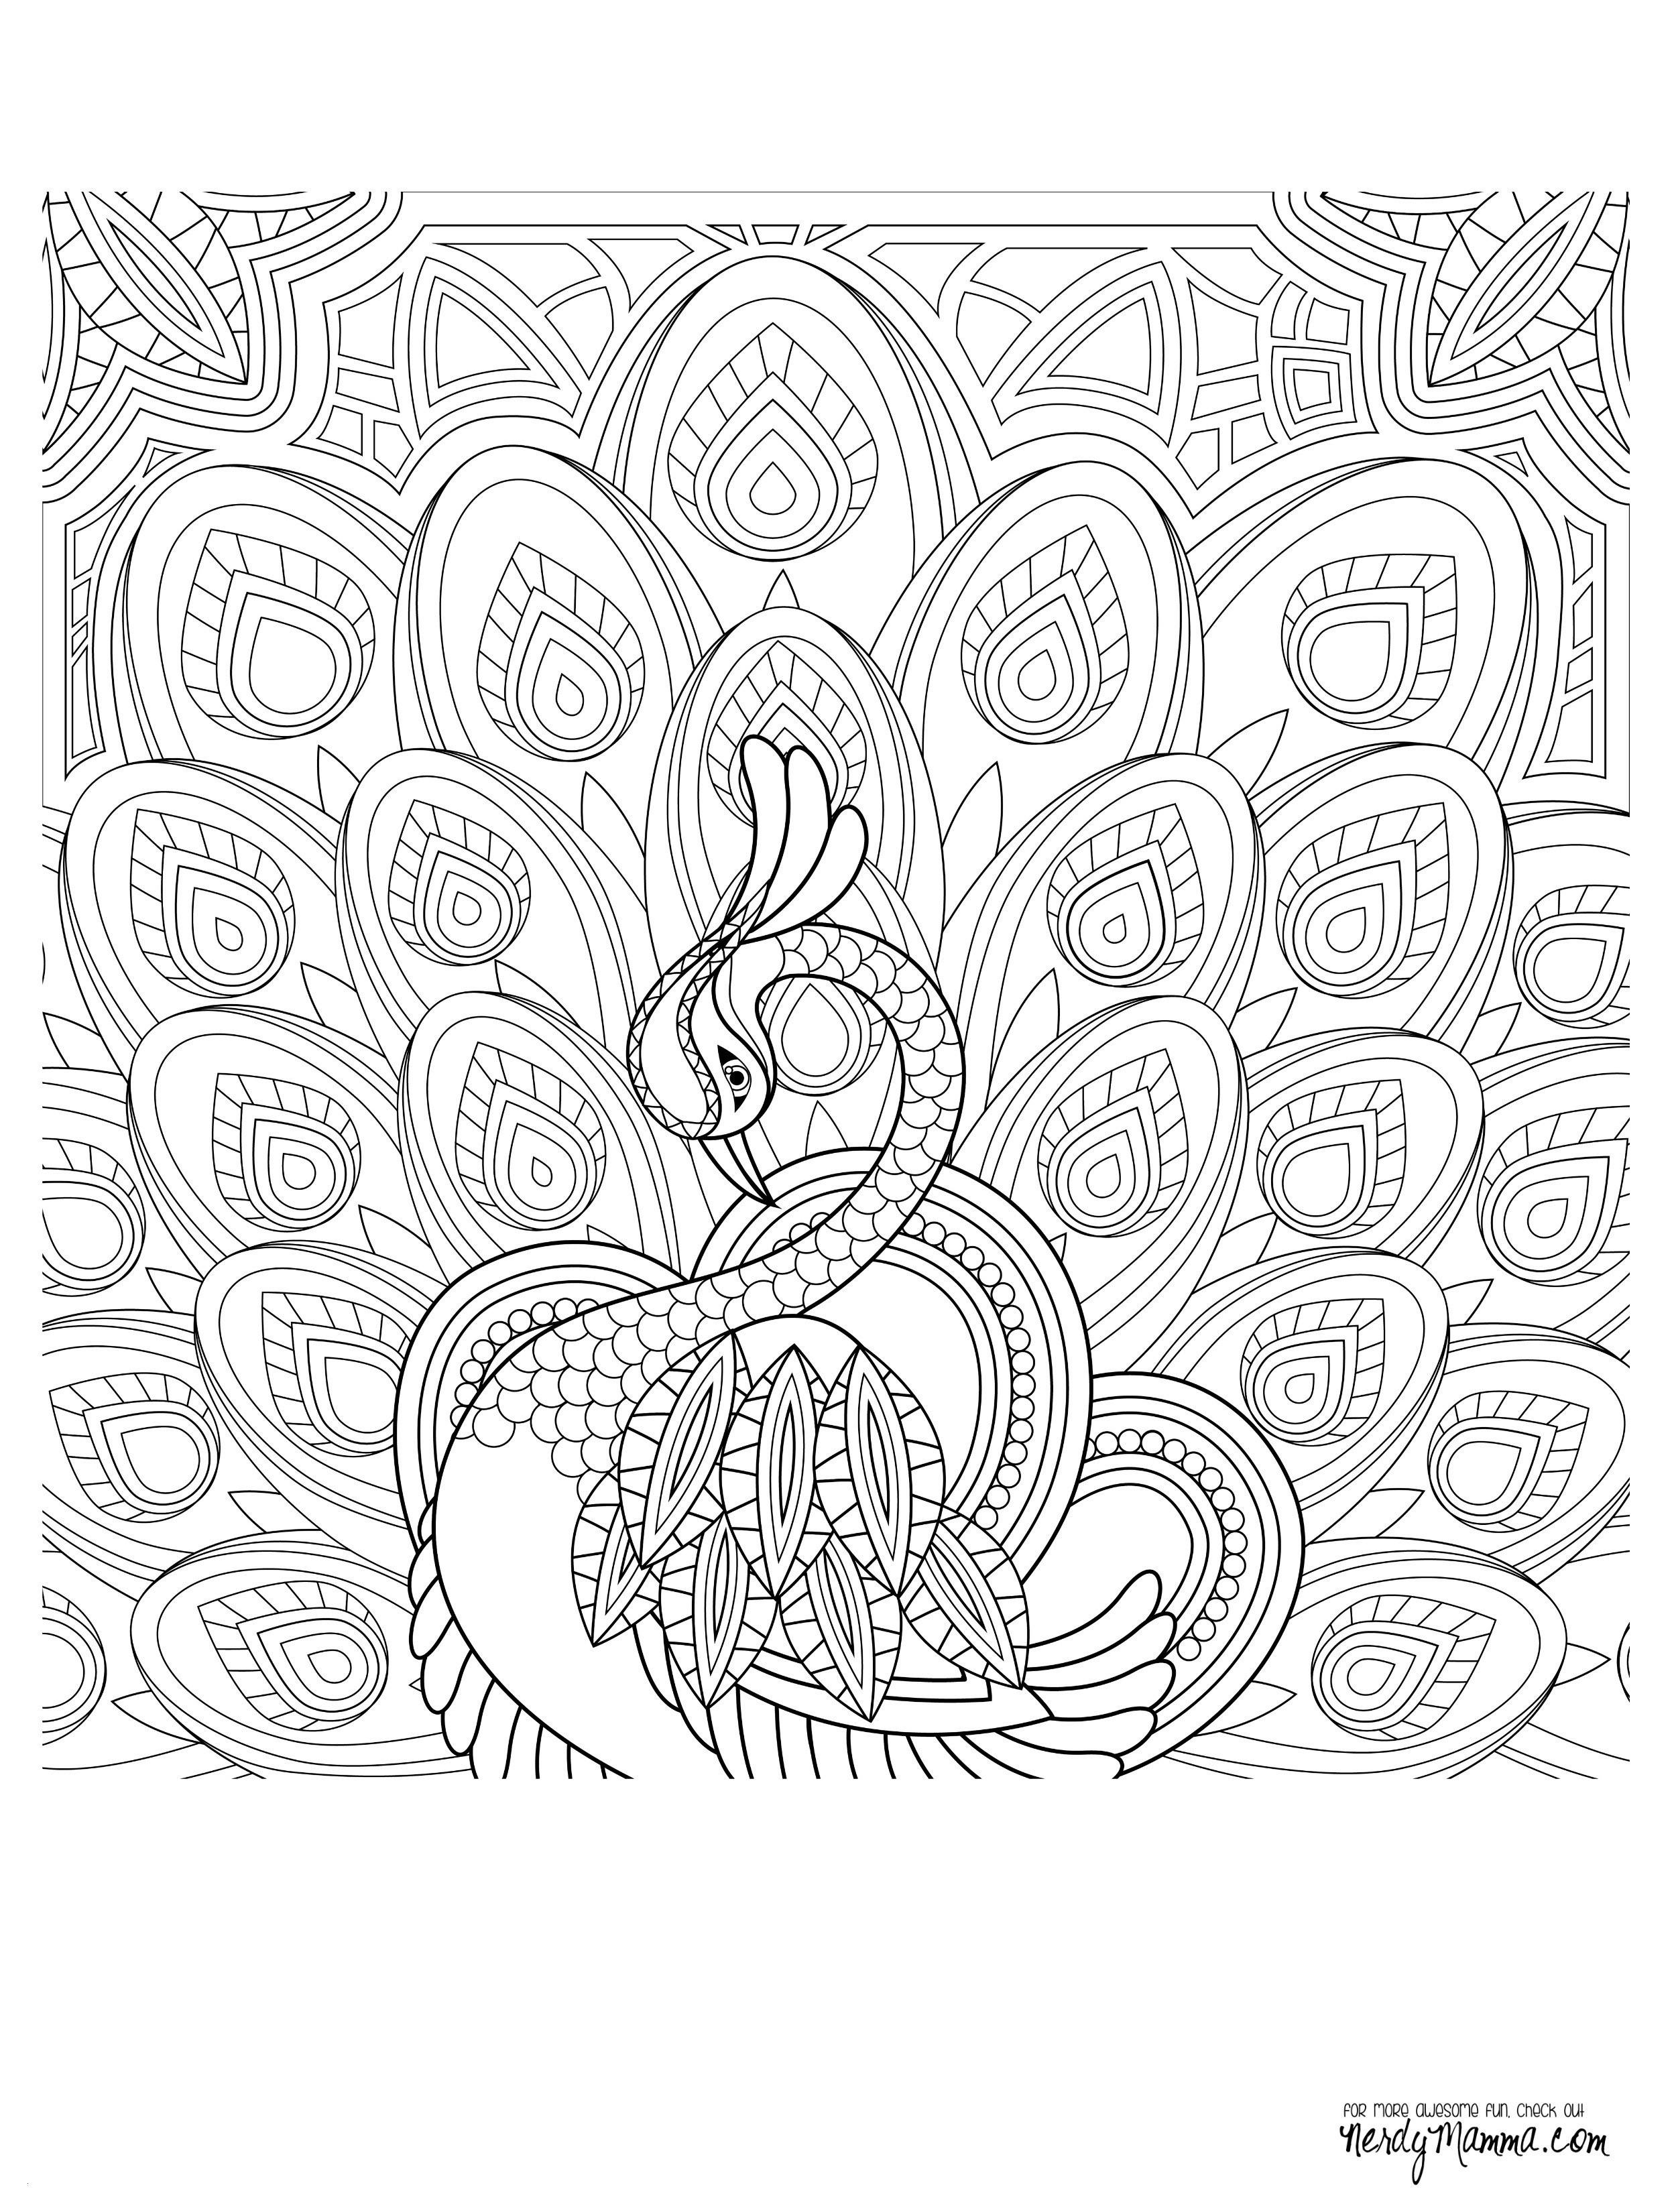 Mandala Herbst Zum Ausdrucken Inspirierend Herz Malvorlagen Einfach Herz Mandalas Zum Ausdrucken – Malvorlagen Bild